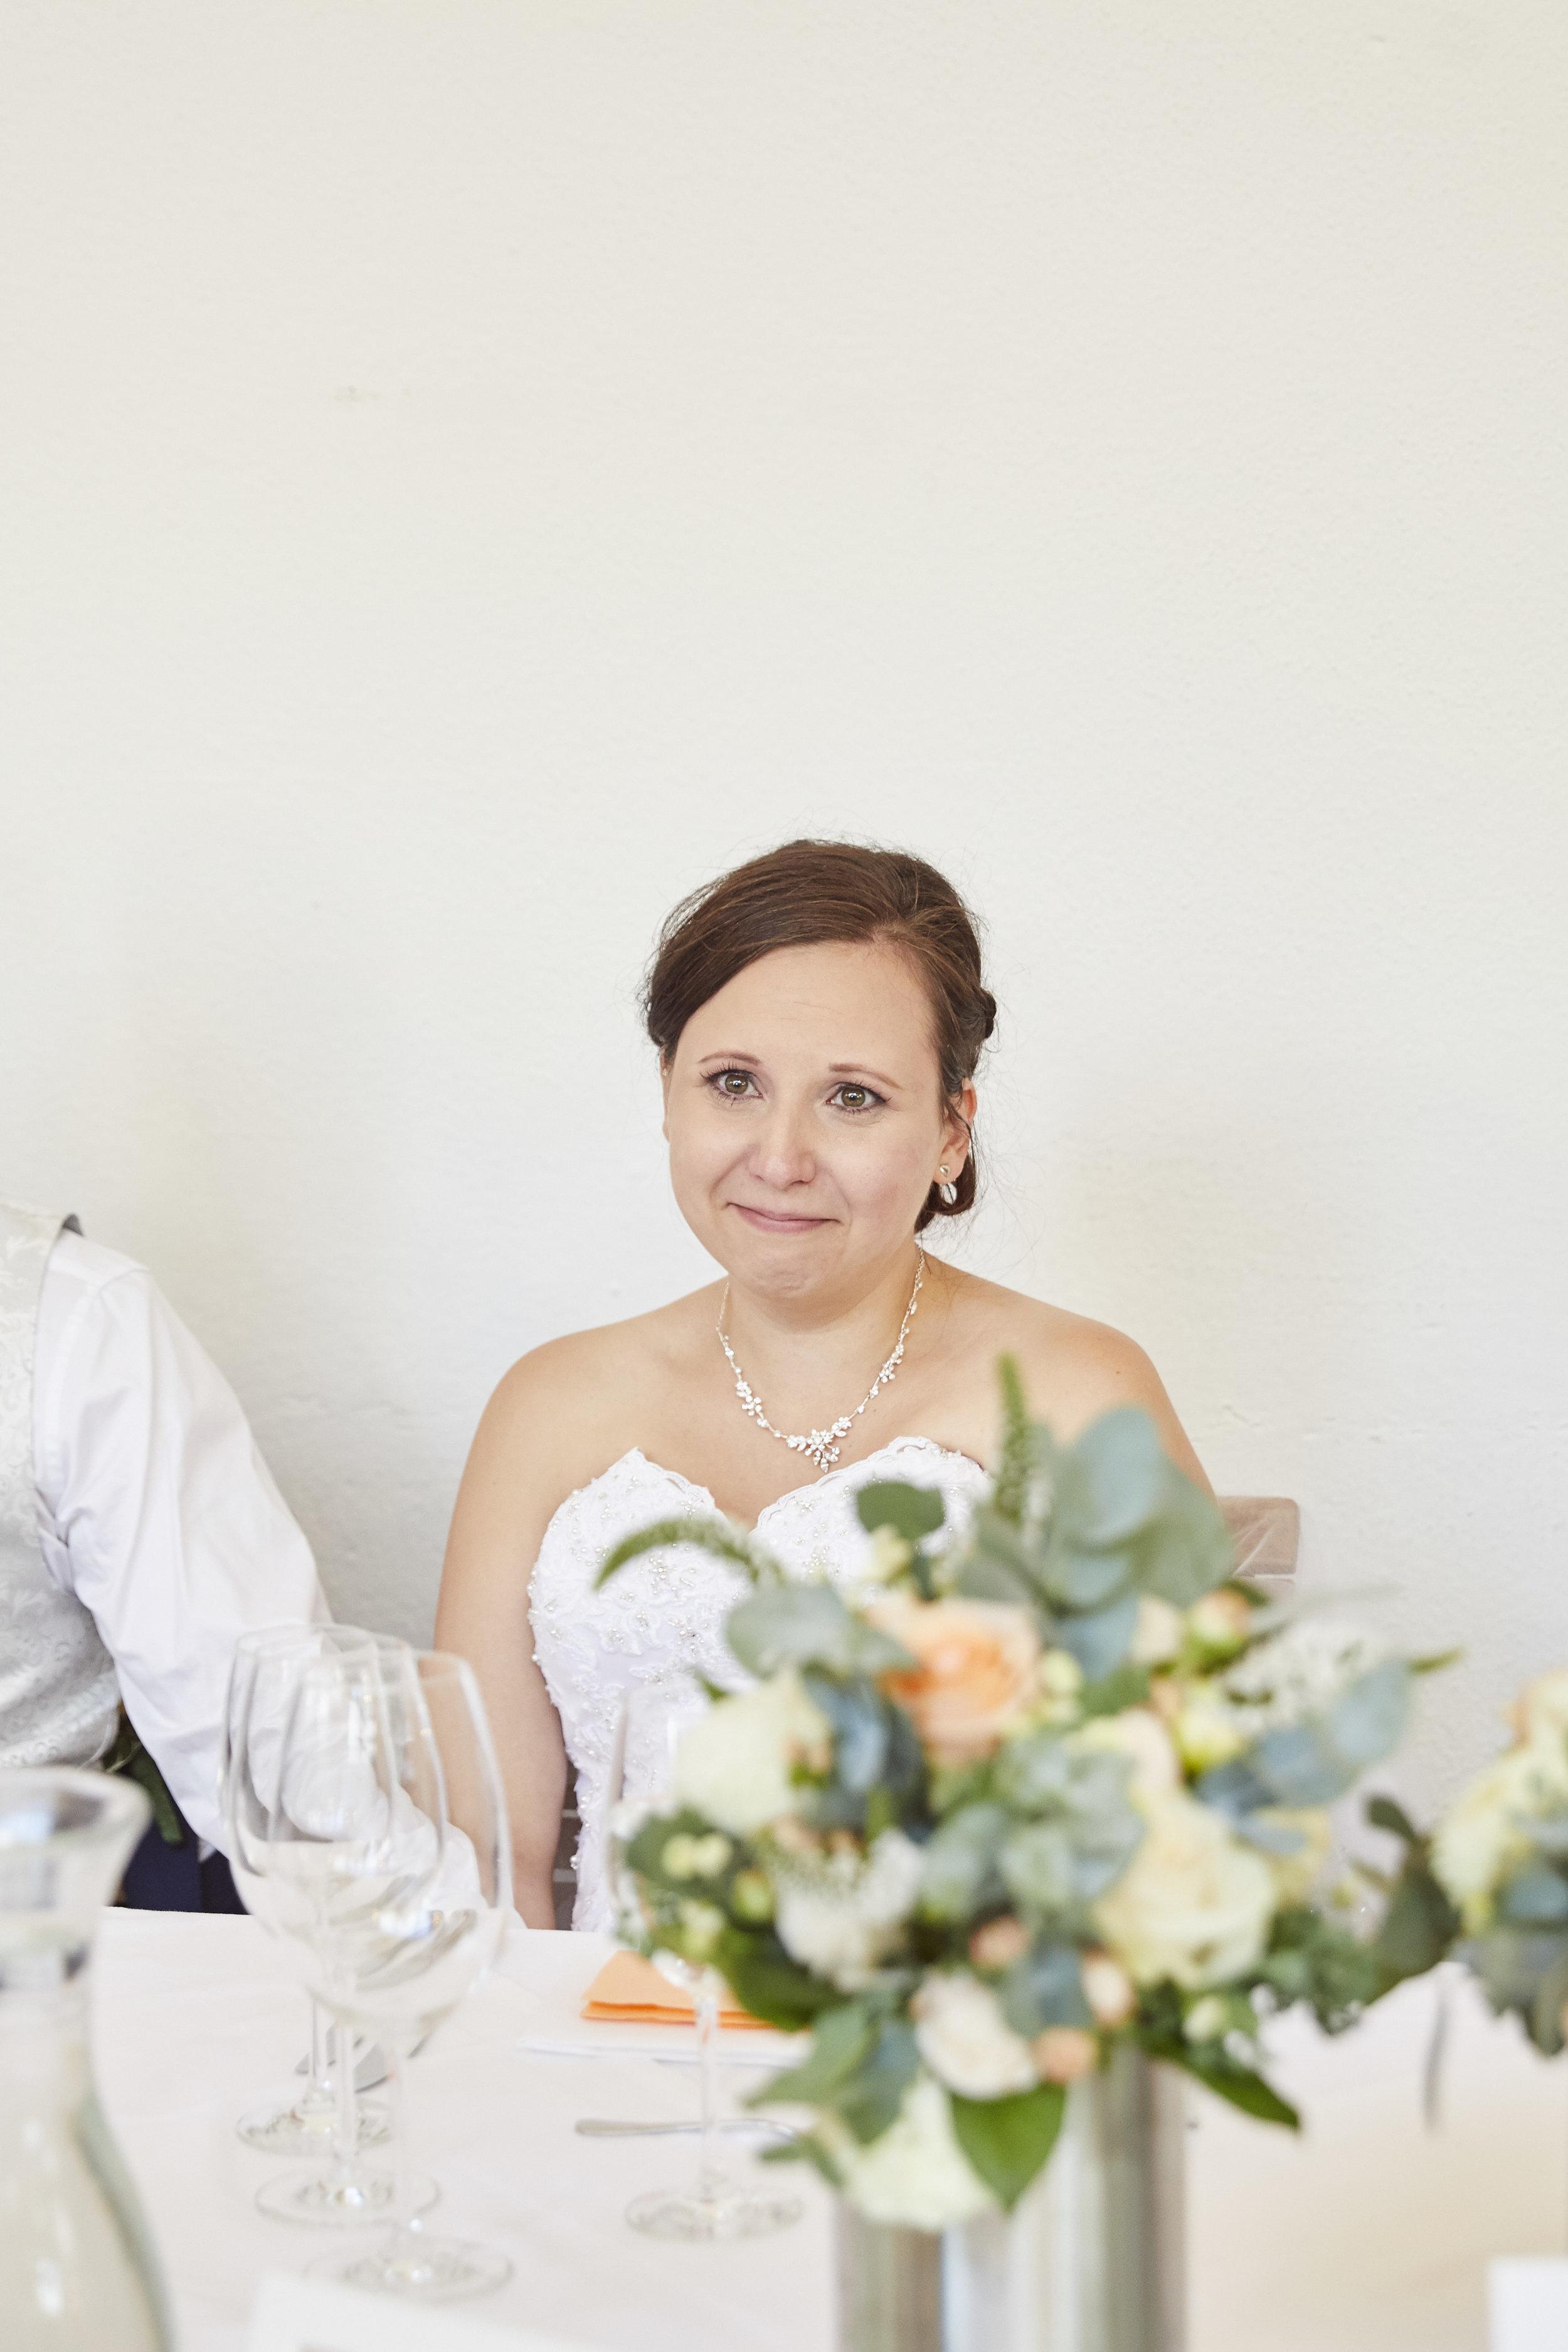 17.07.01. Hochzeit Carola&Werner_472.jpg